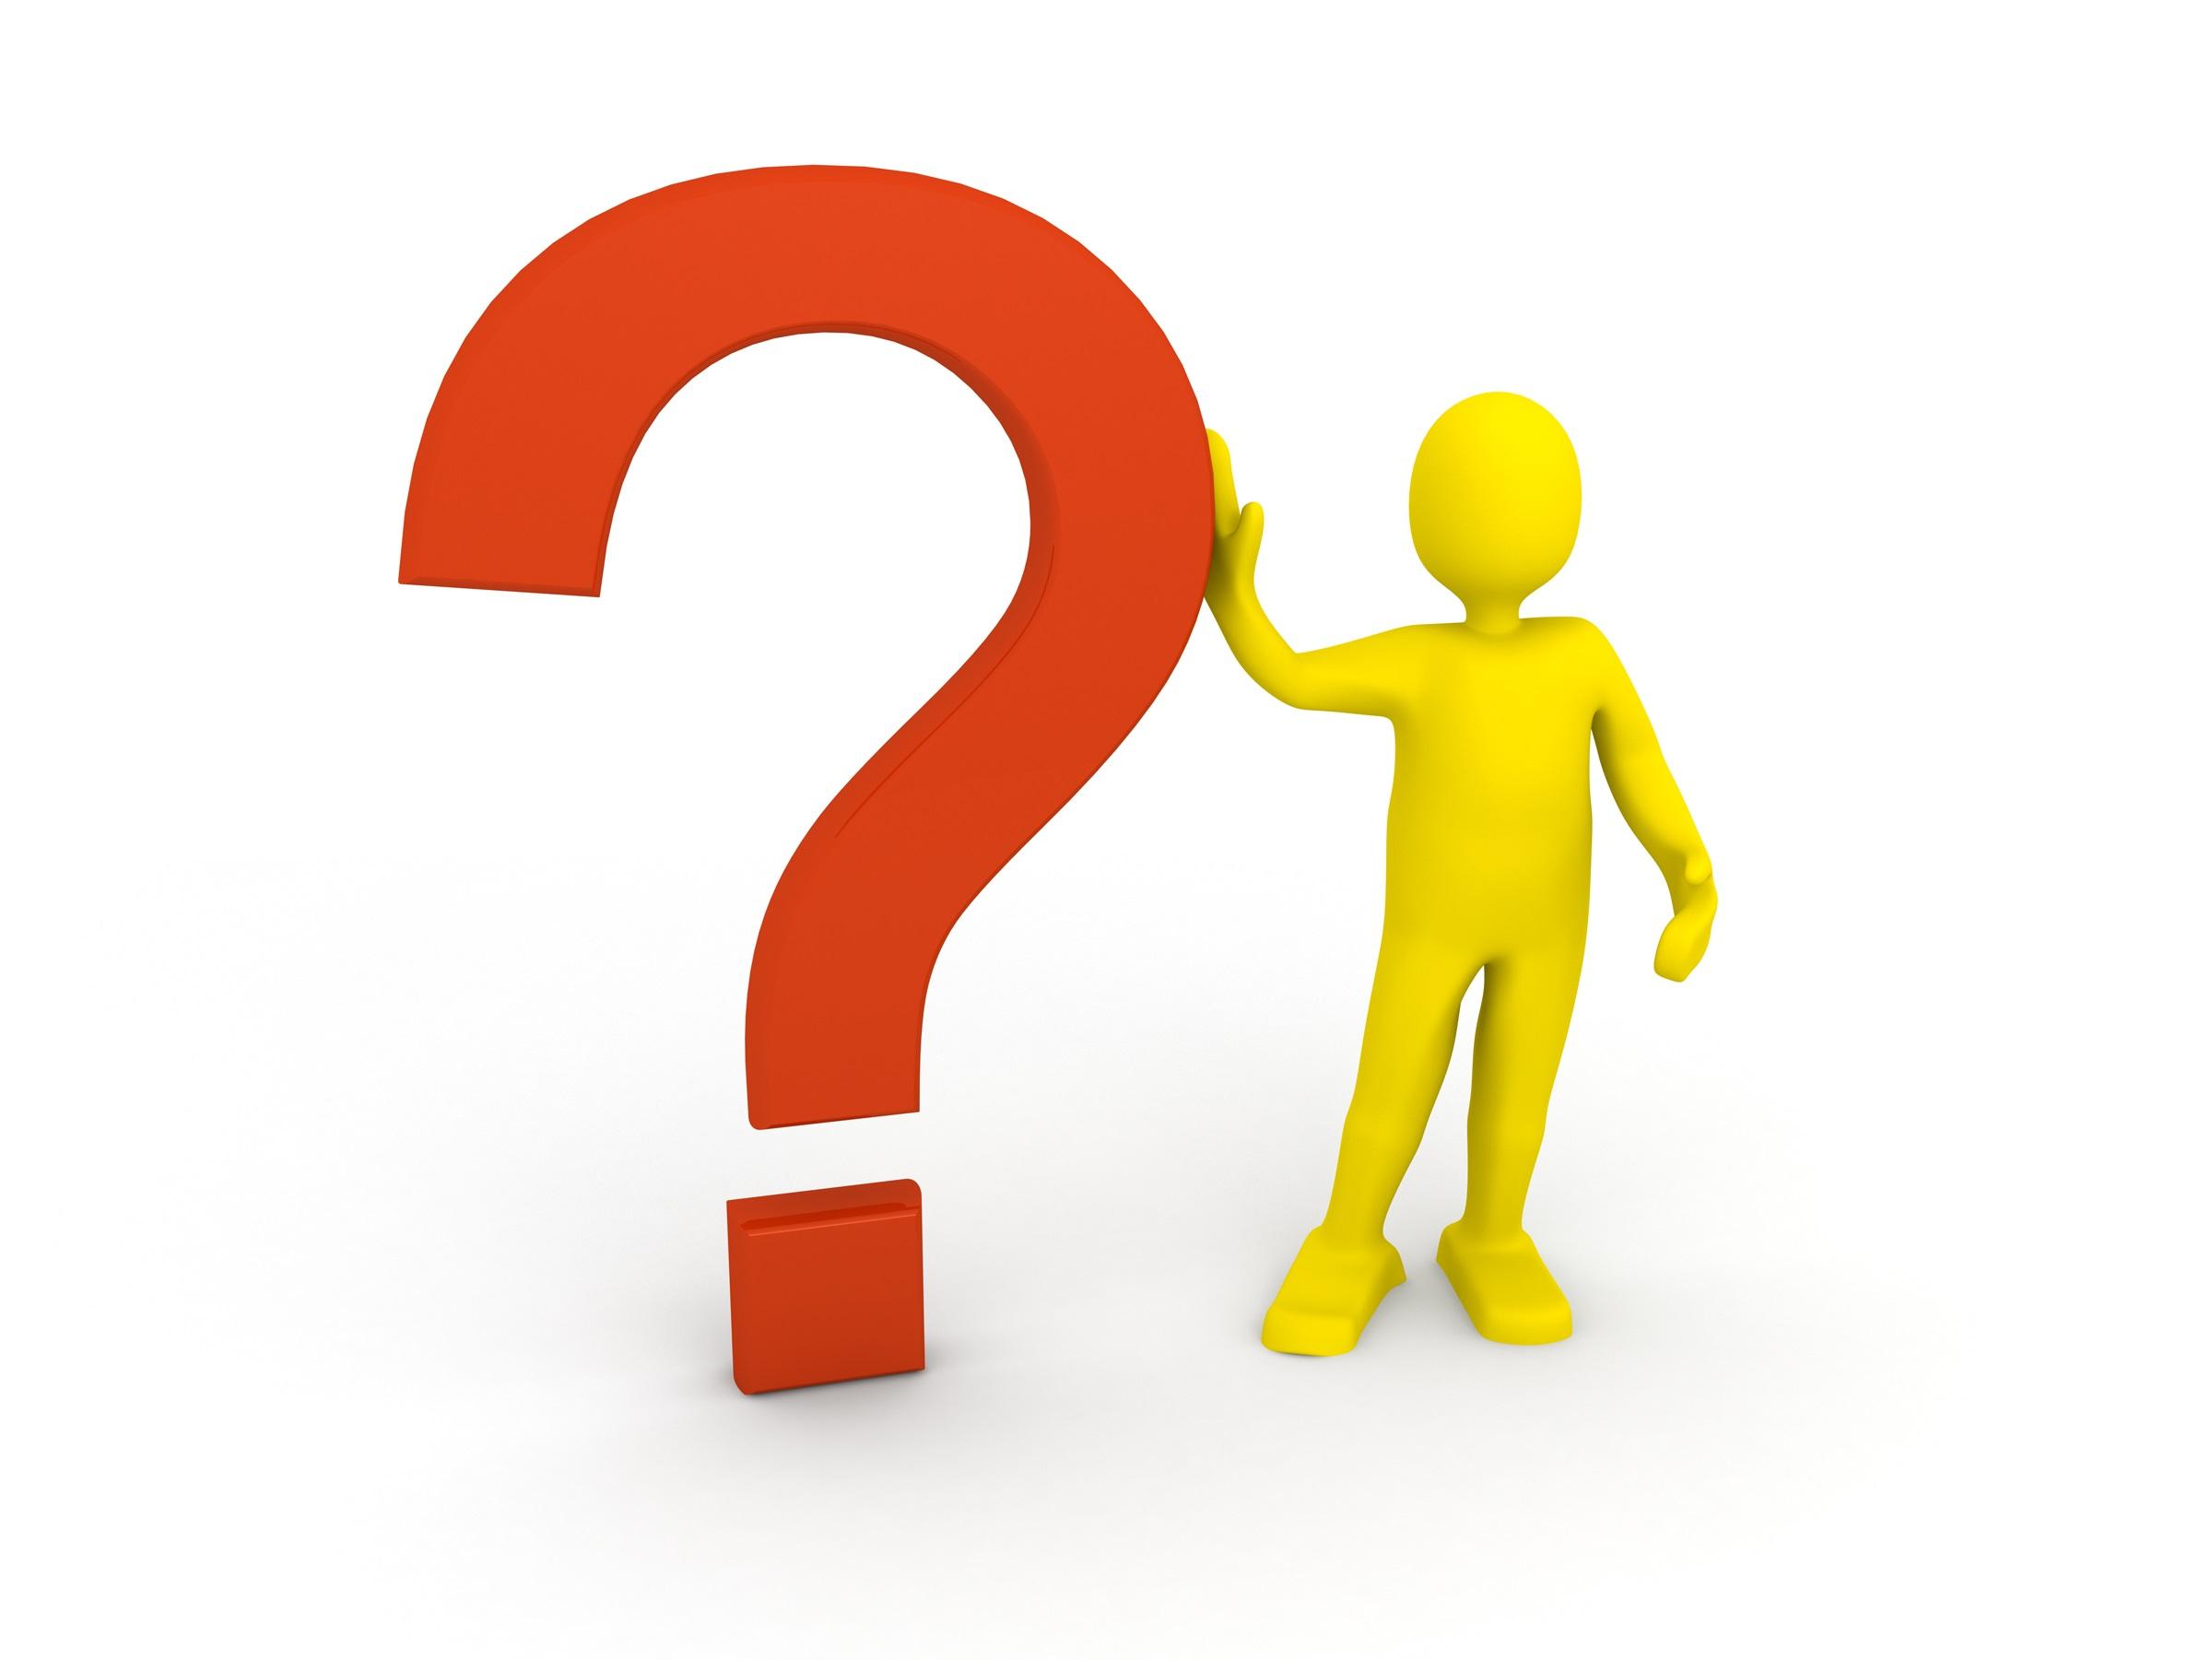 Man q:question mark